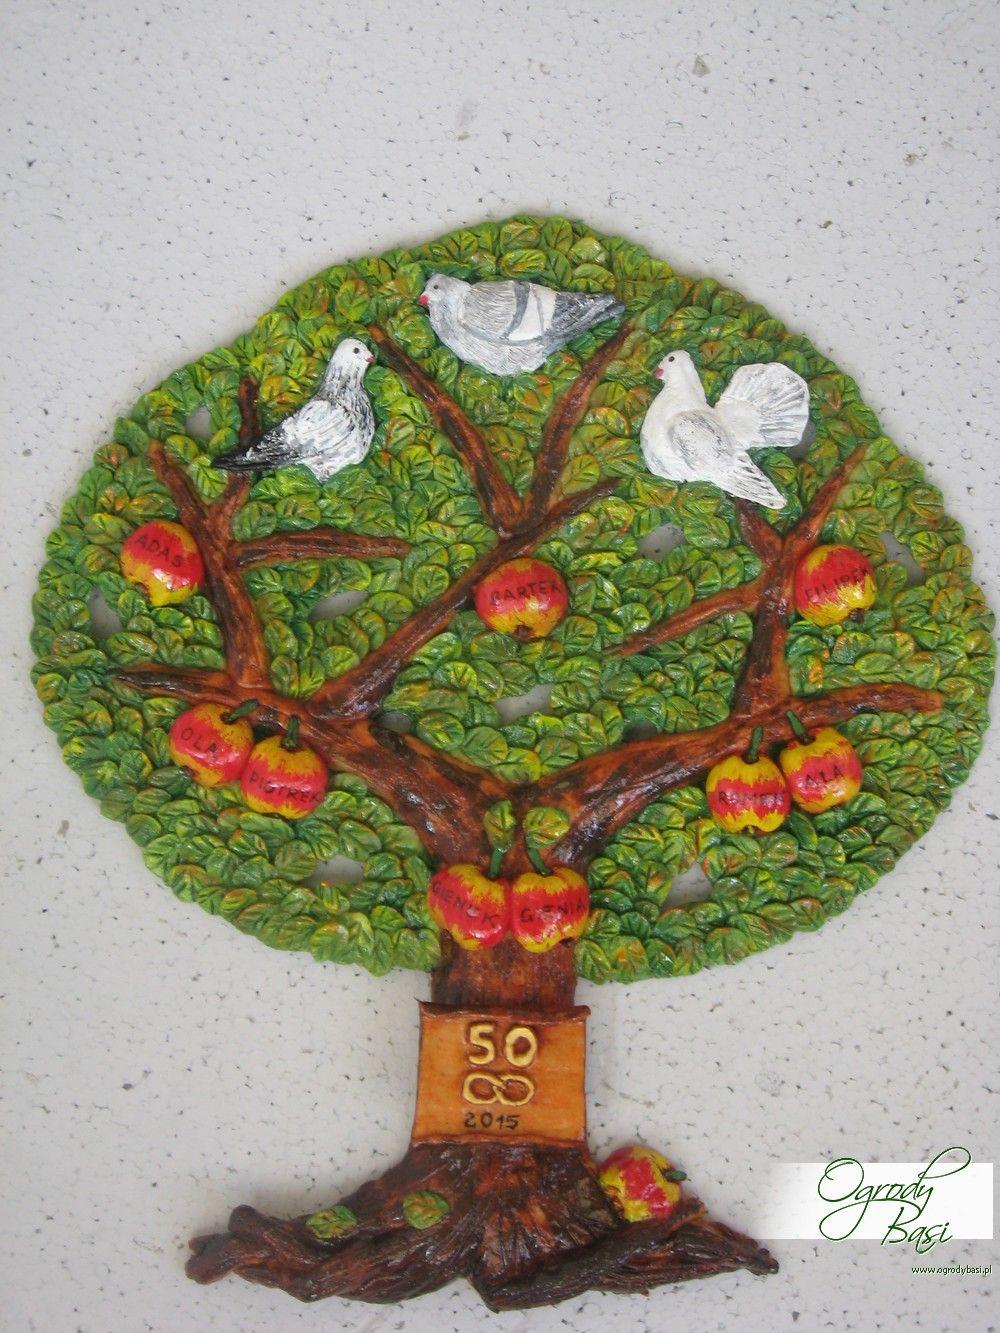 Prezent Na 50 Rocznice Slubu Drzewo Genealogiczne Z Golabkami Www